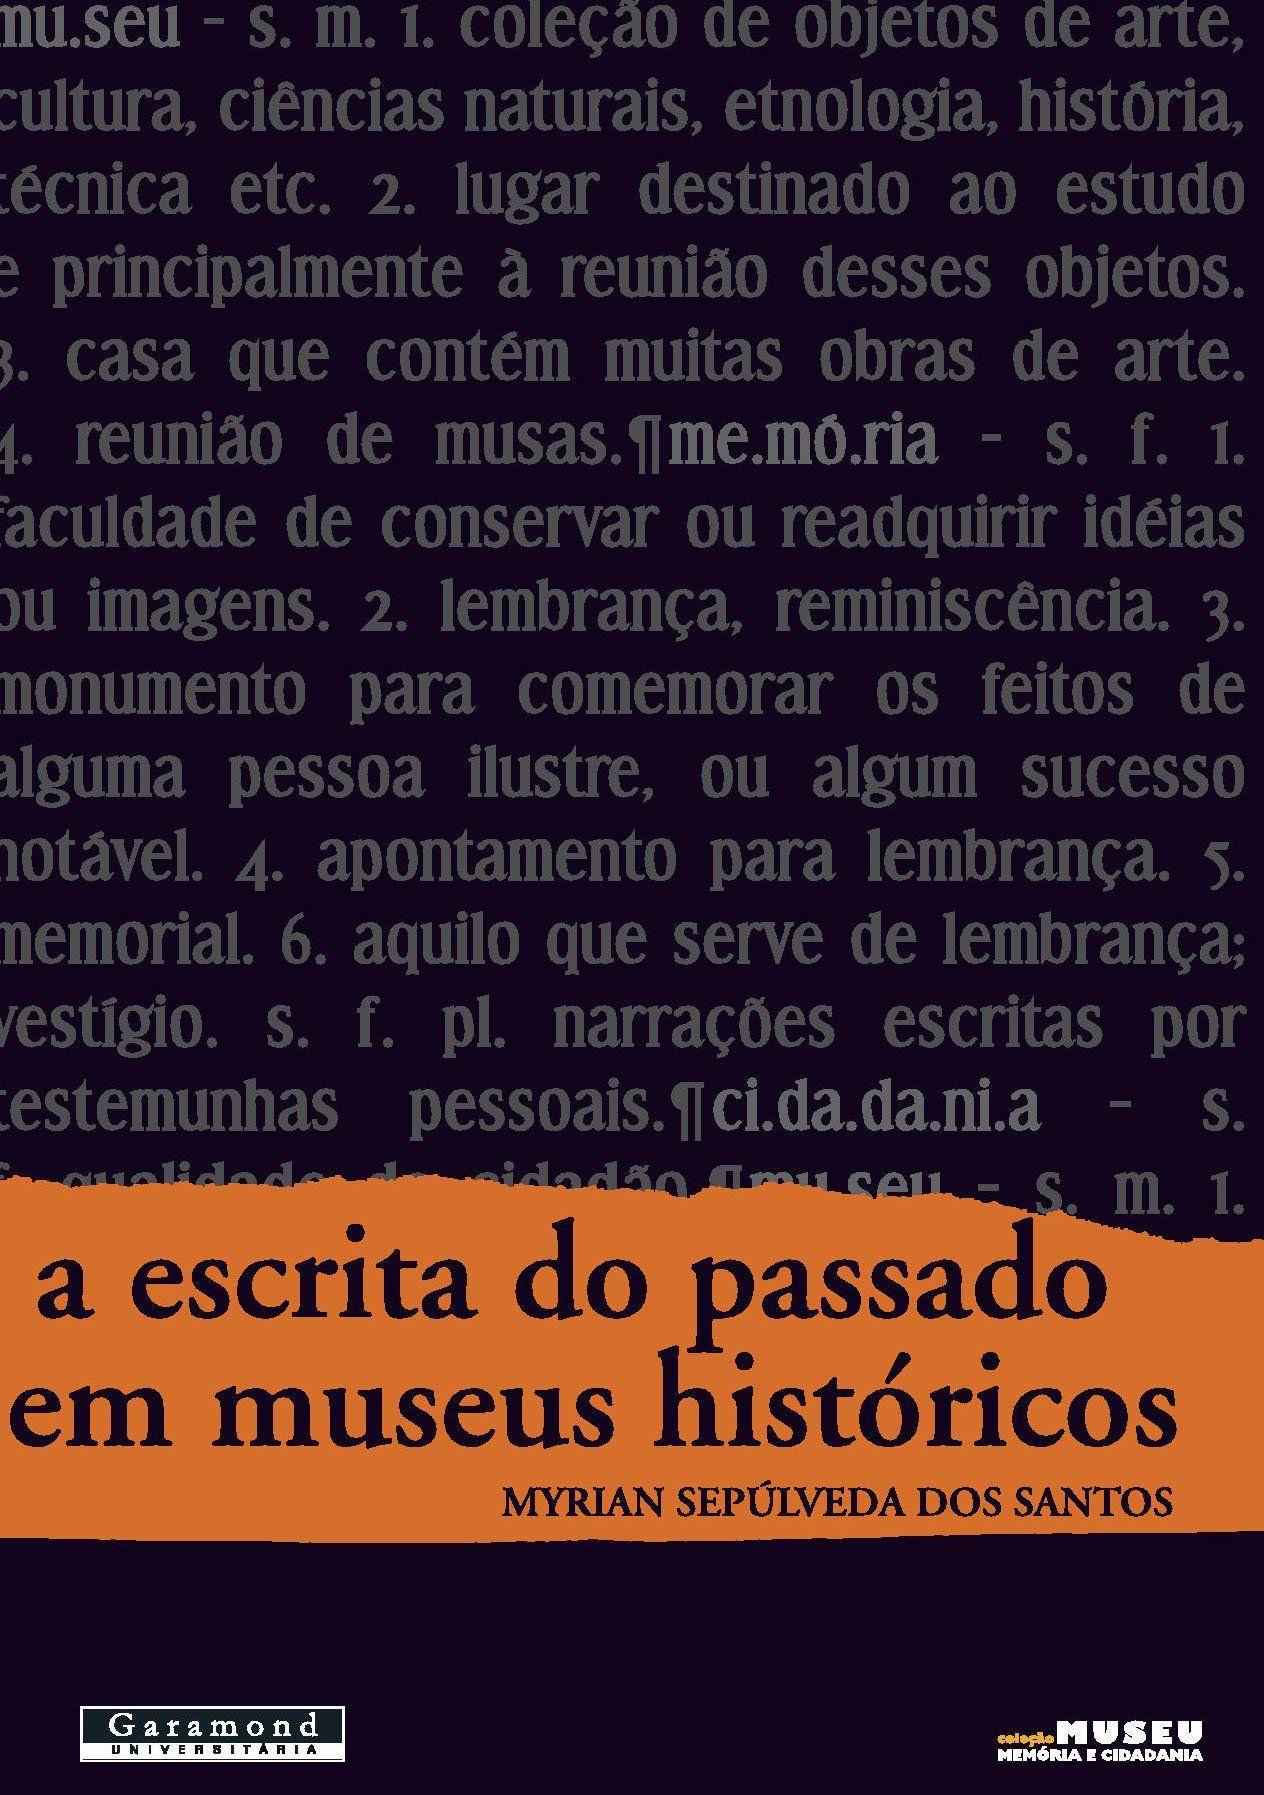 A escrita do passado em museus históricos